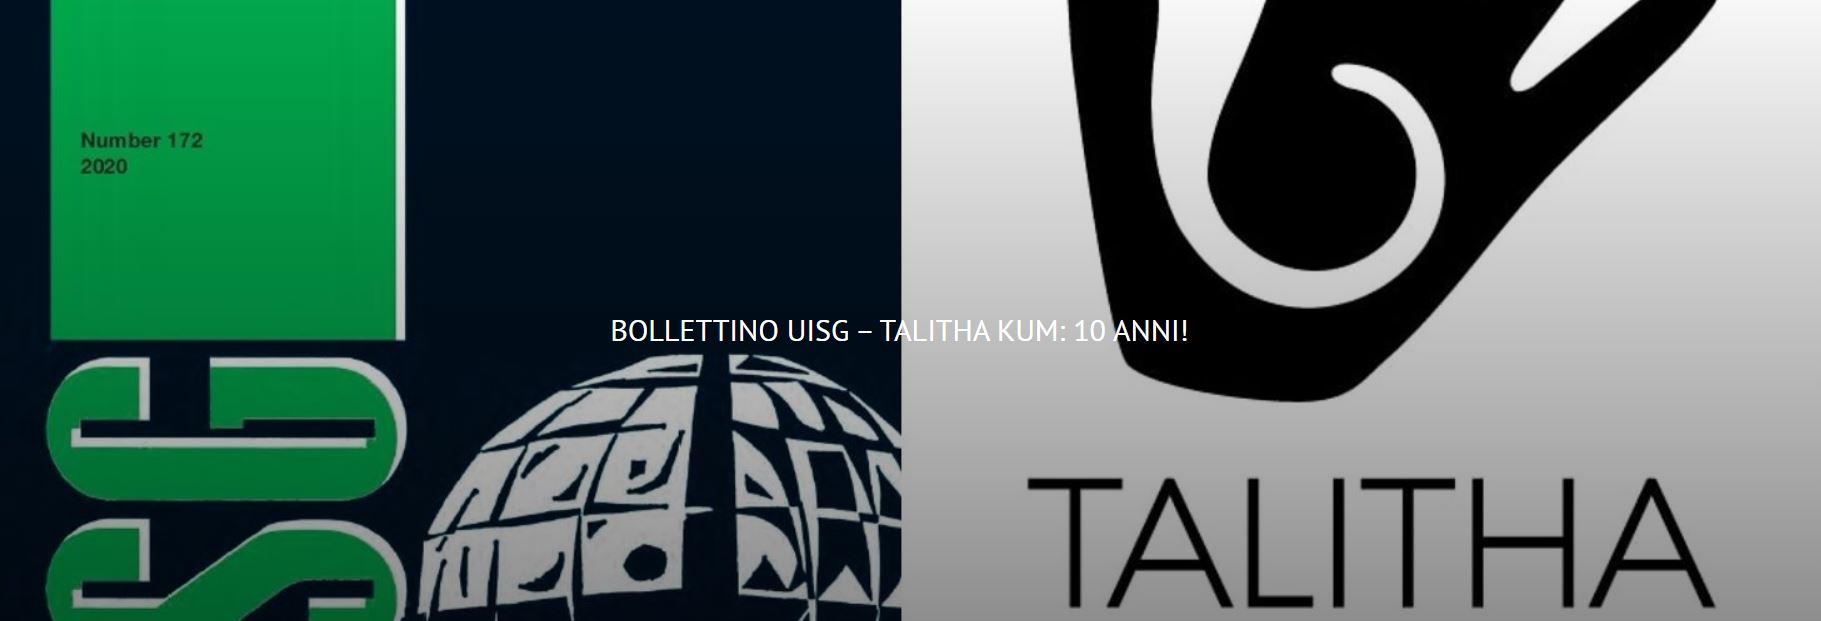 BOLLETTINO UISG – TALITHA KUM: 10 ANNI!